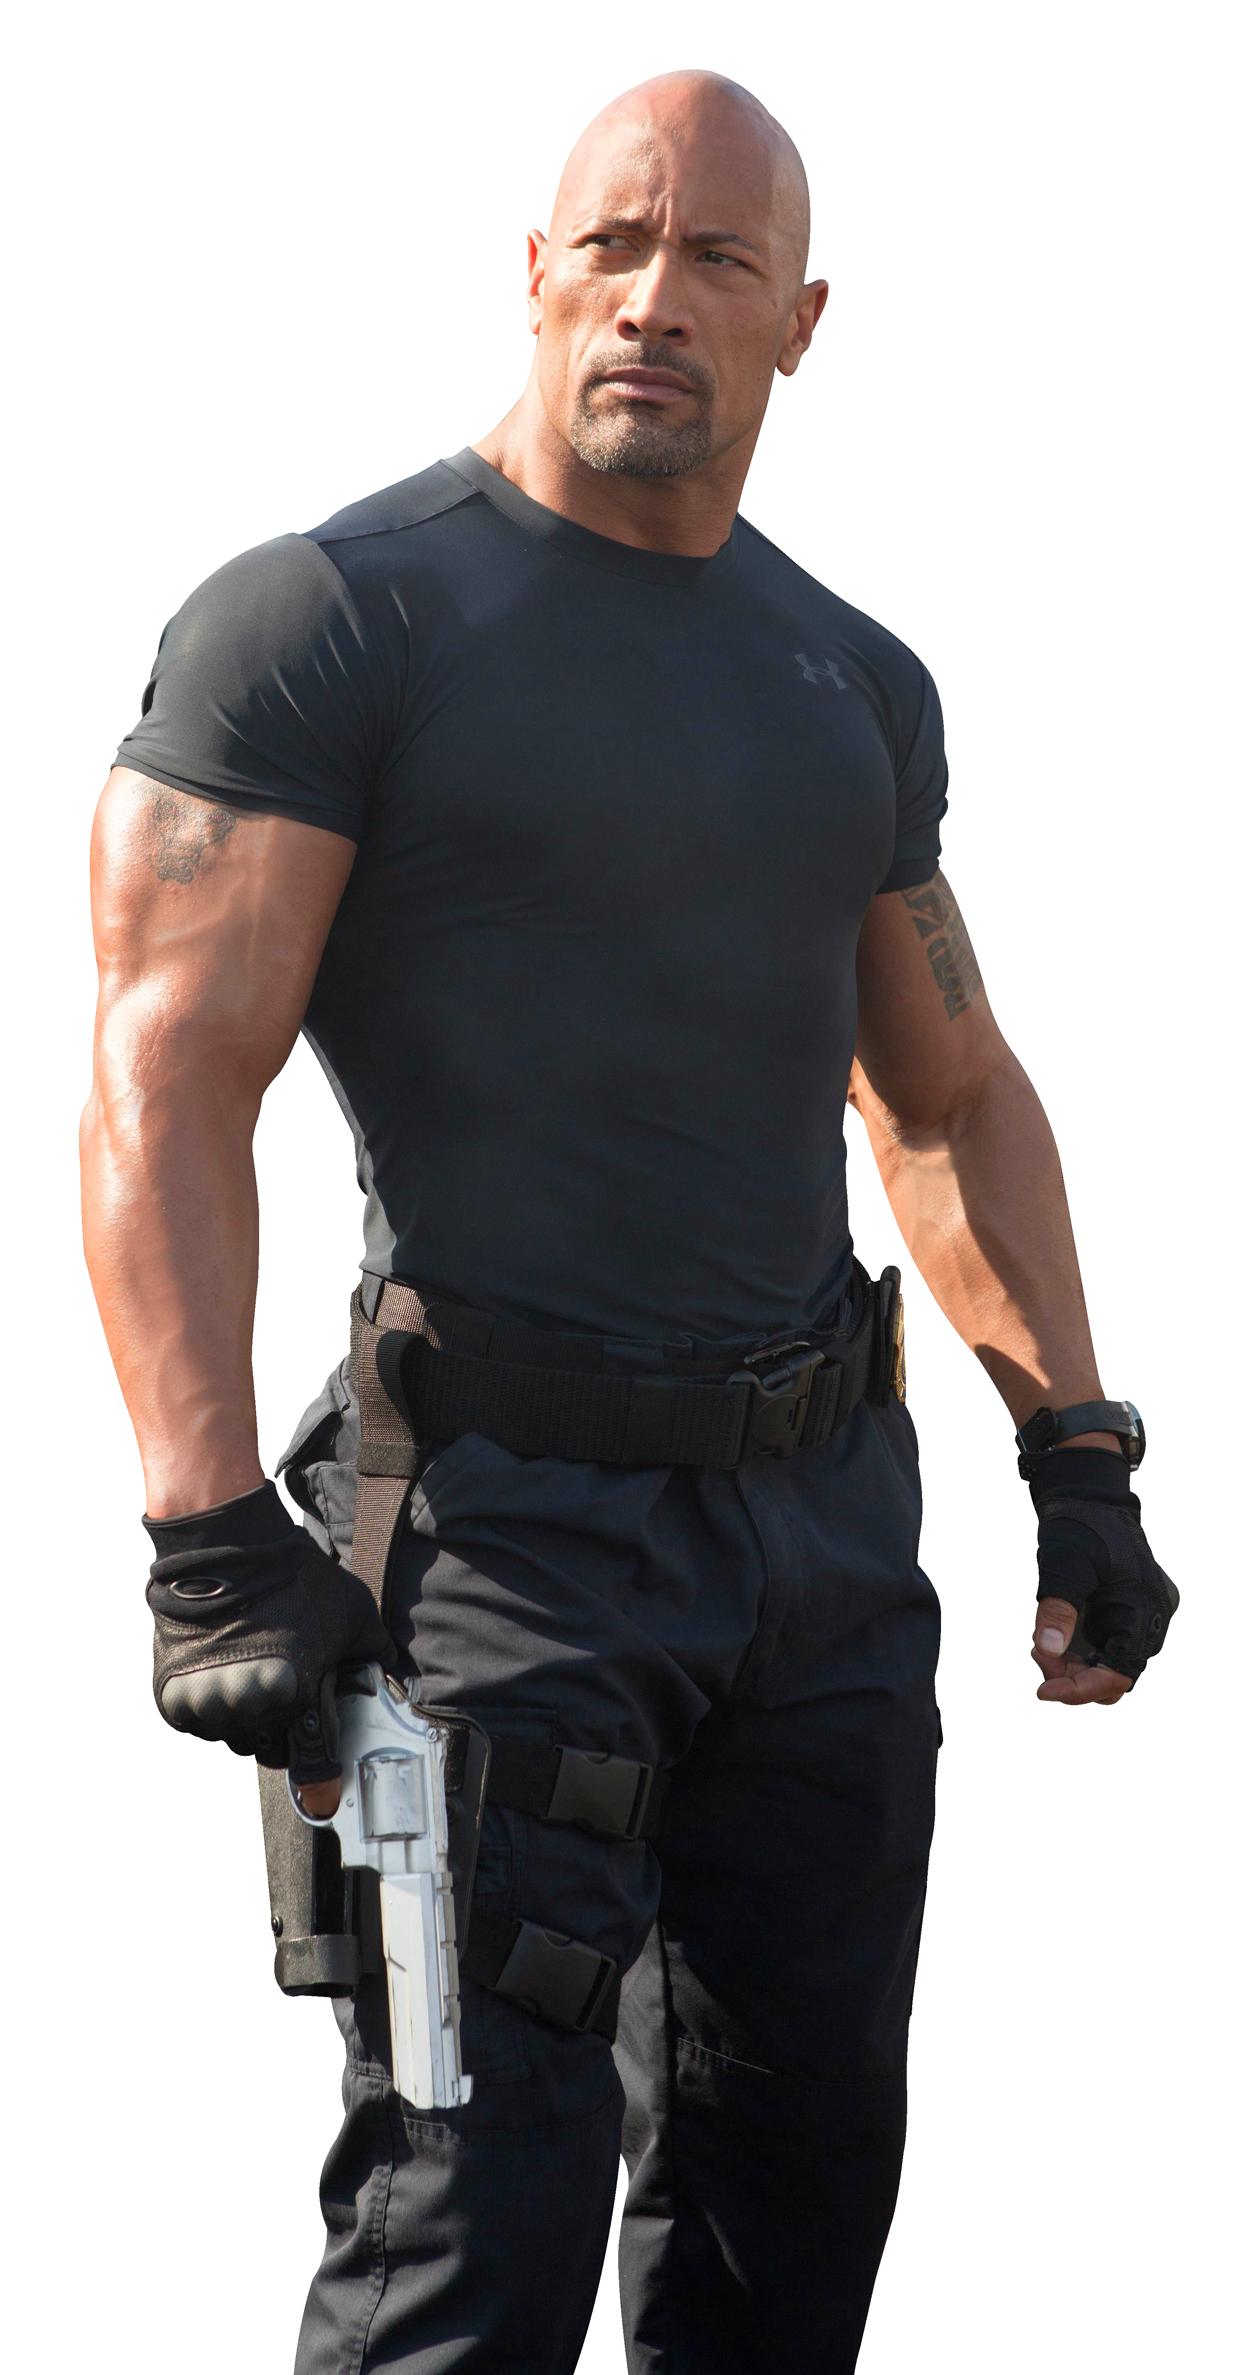 Dwayne Johnson PNG Transparent Image - Actor PNG